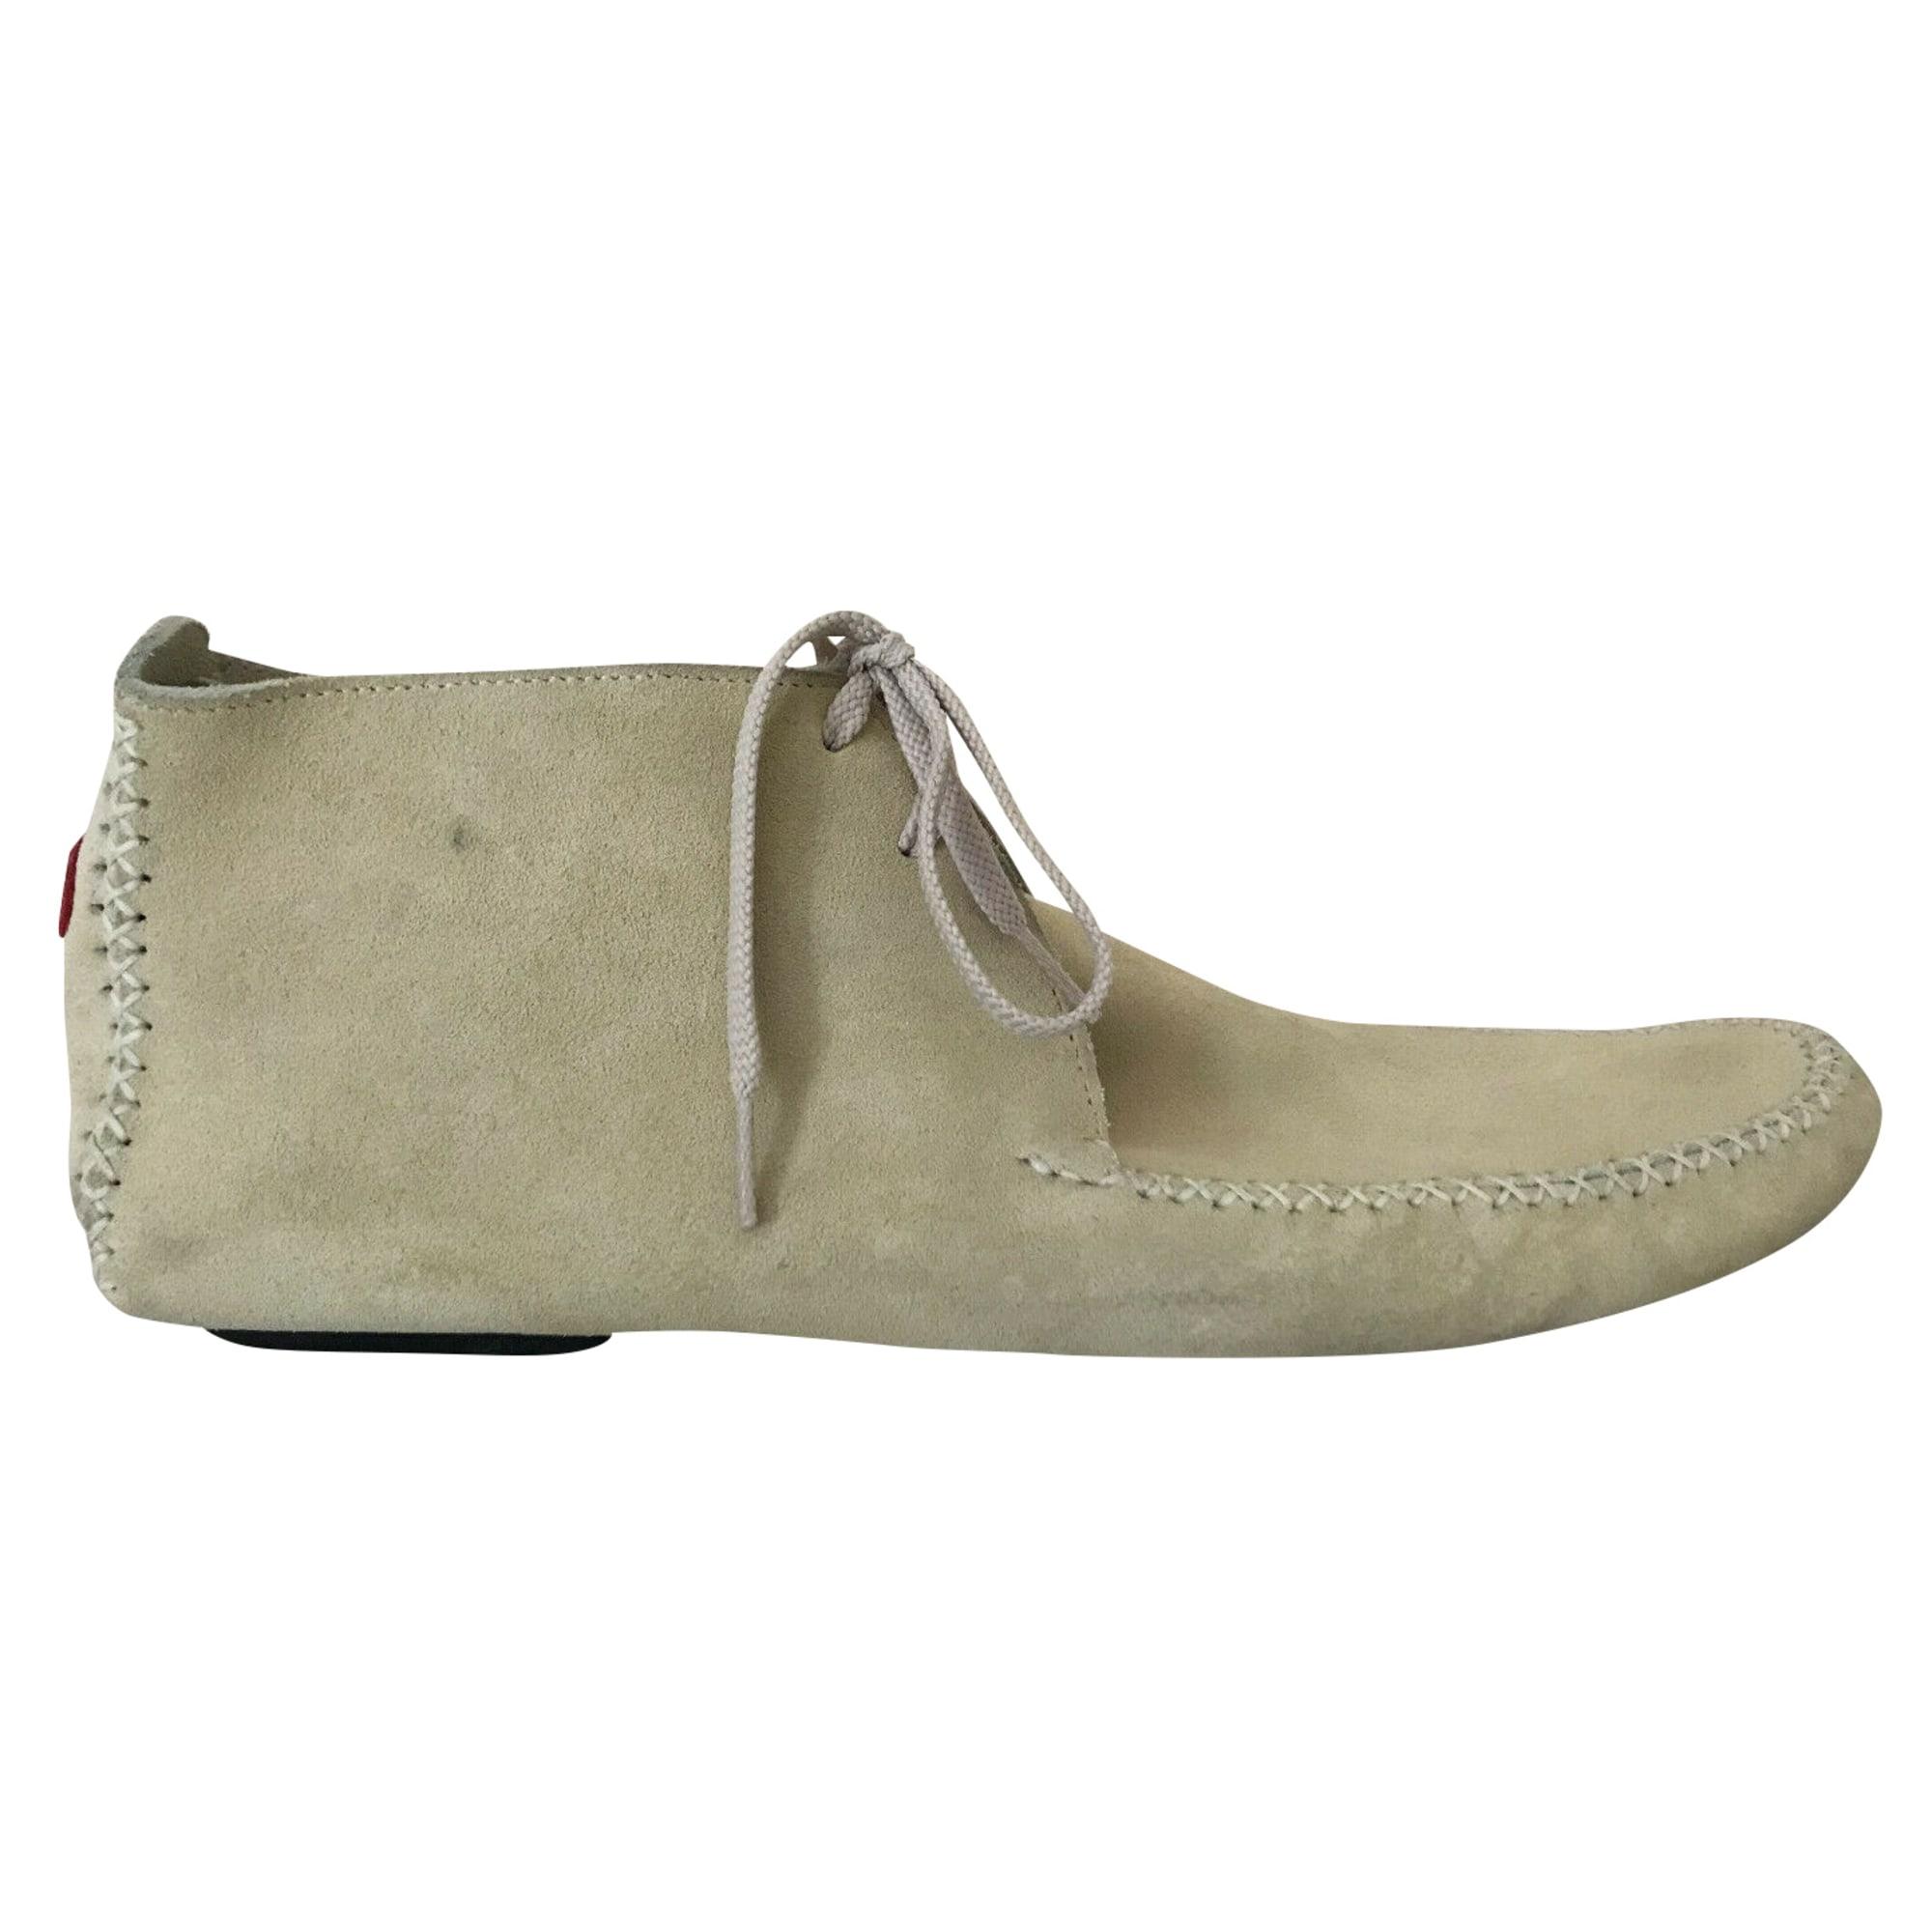 Chaussures à lacets GÉRARD SÉNÉ Beige, camel